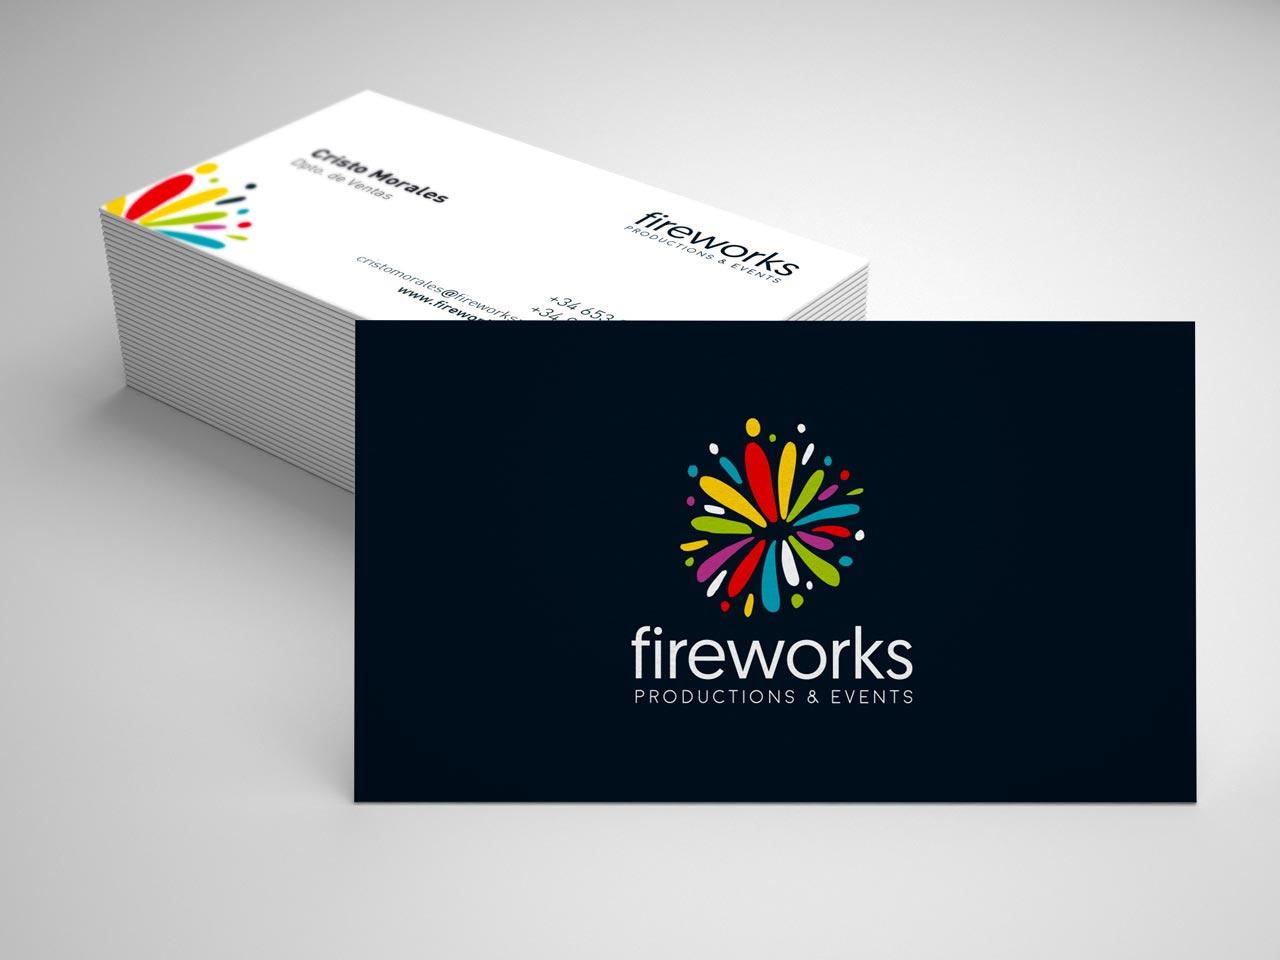 tarjetas fireworks por Siroco